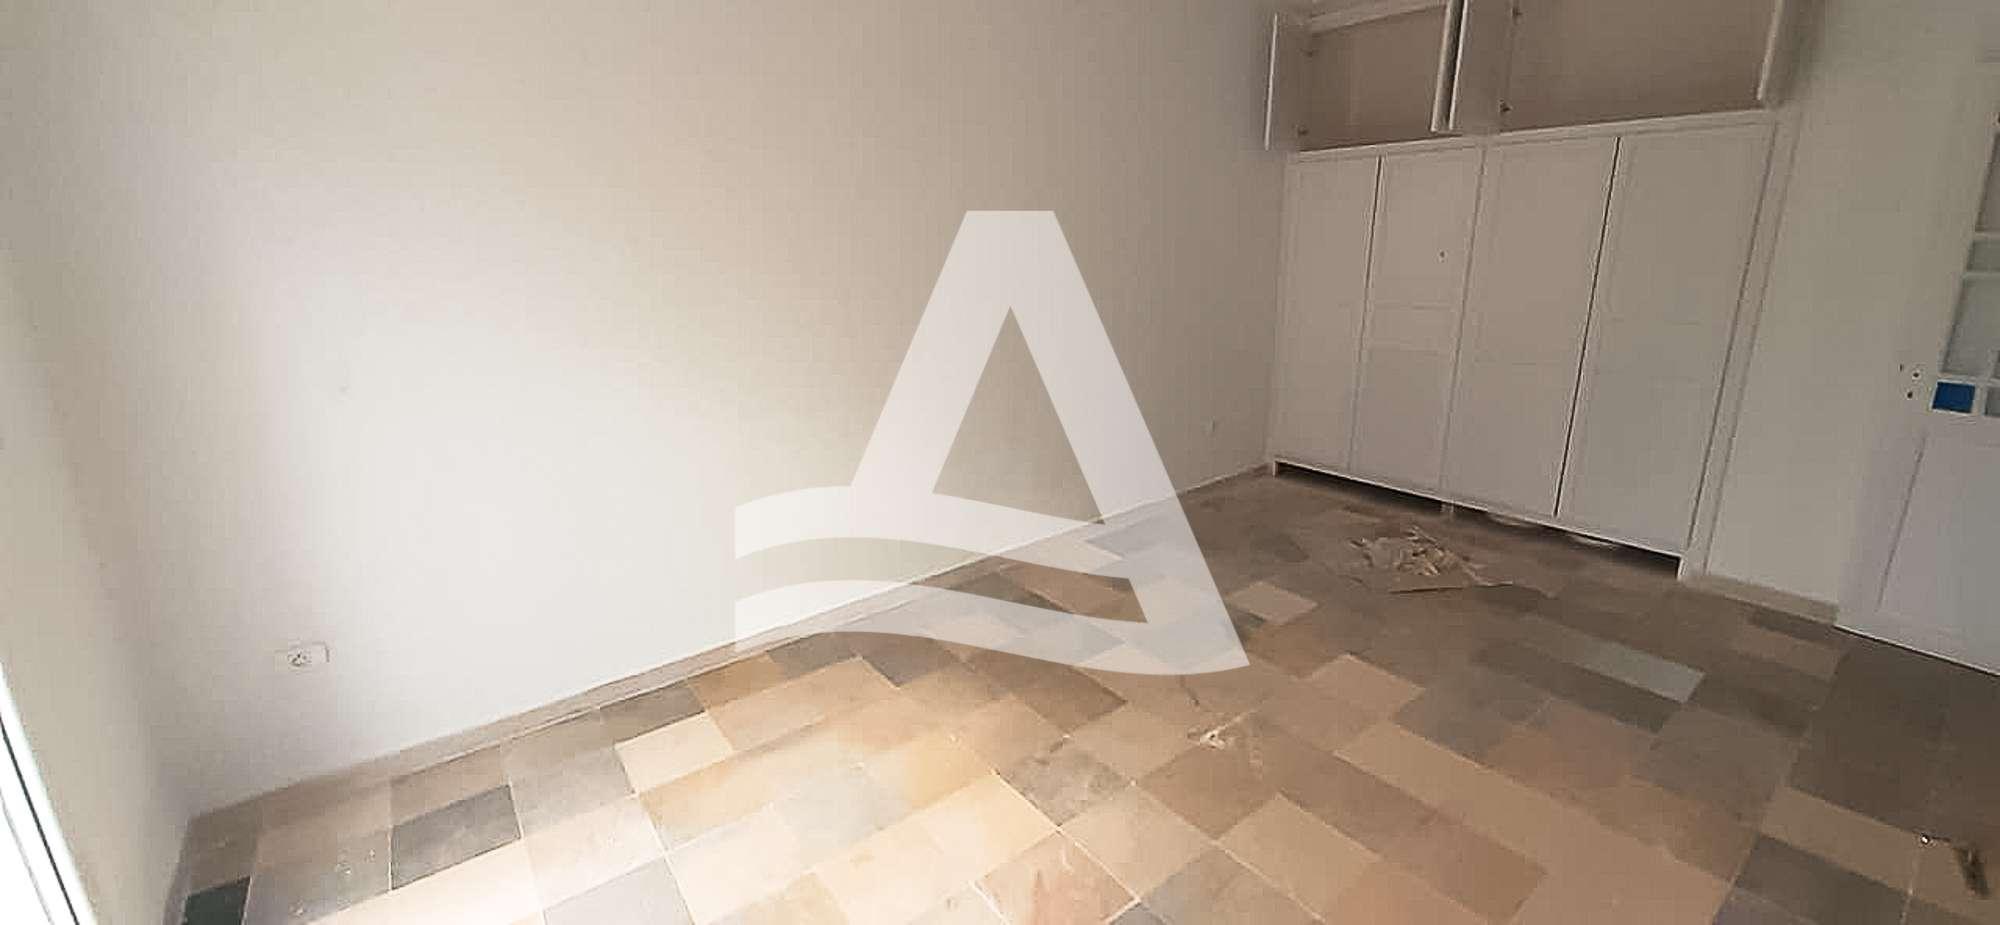 httpss3.amazonaws.comlogimoaws_Arcane_immobilière_la_Marsa-_location_-_vente_la_marsa__-9_1583581616934